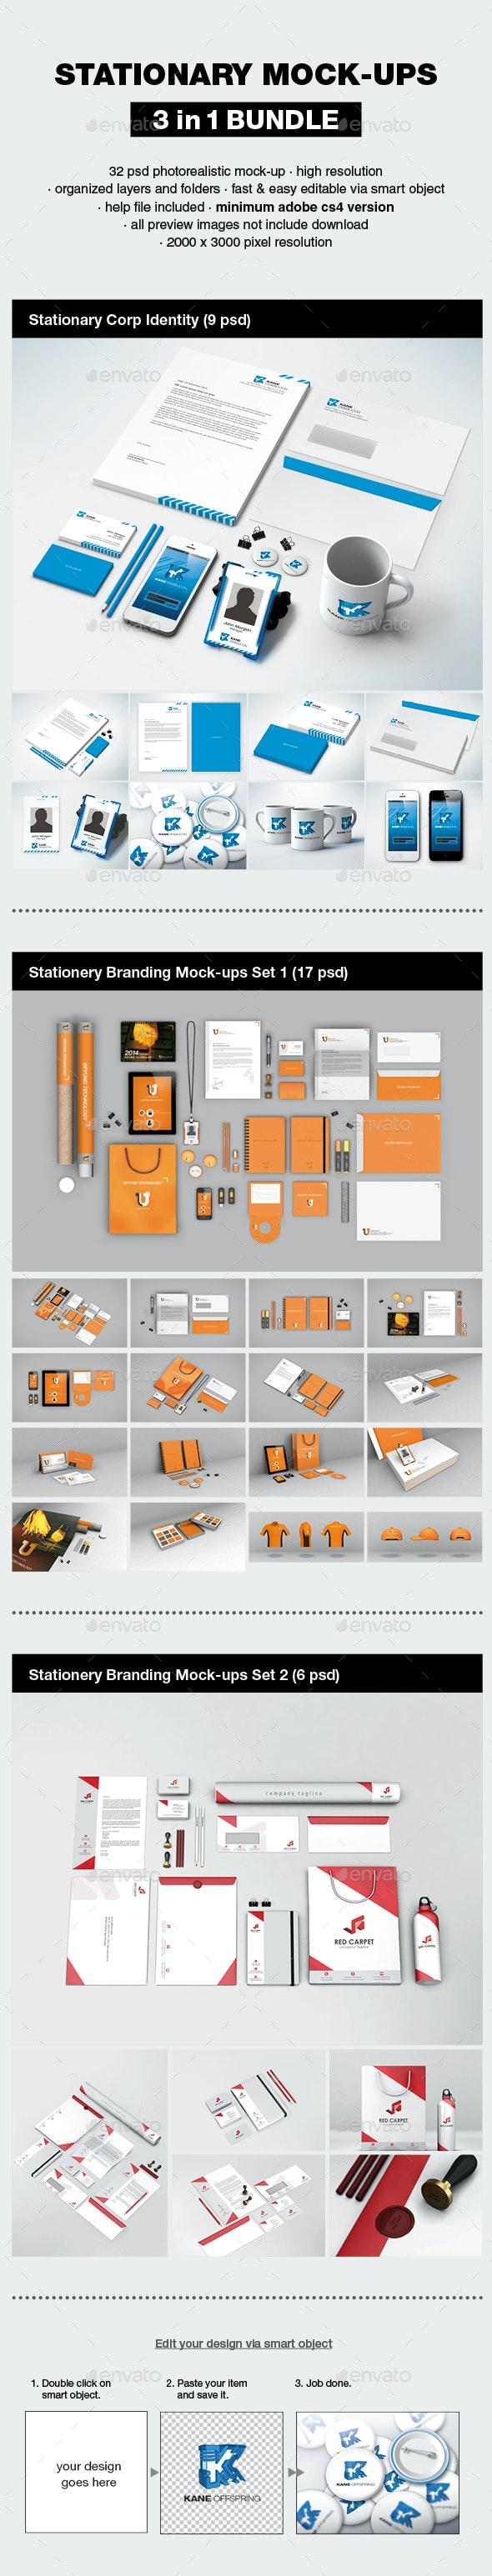 Stationery Branding Mock-up Bundle - Stationery Print